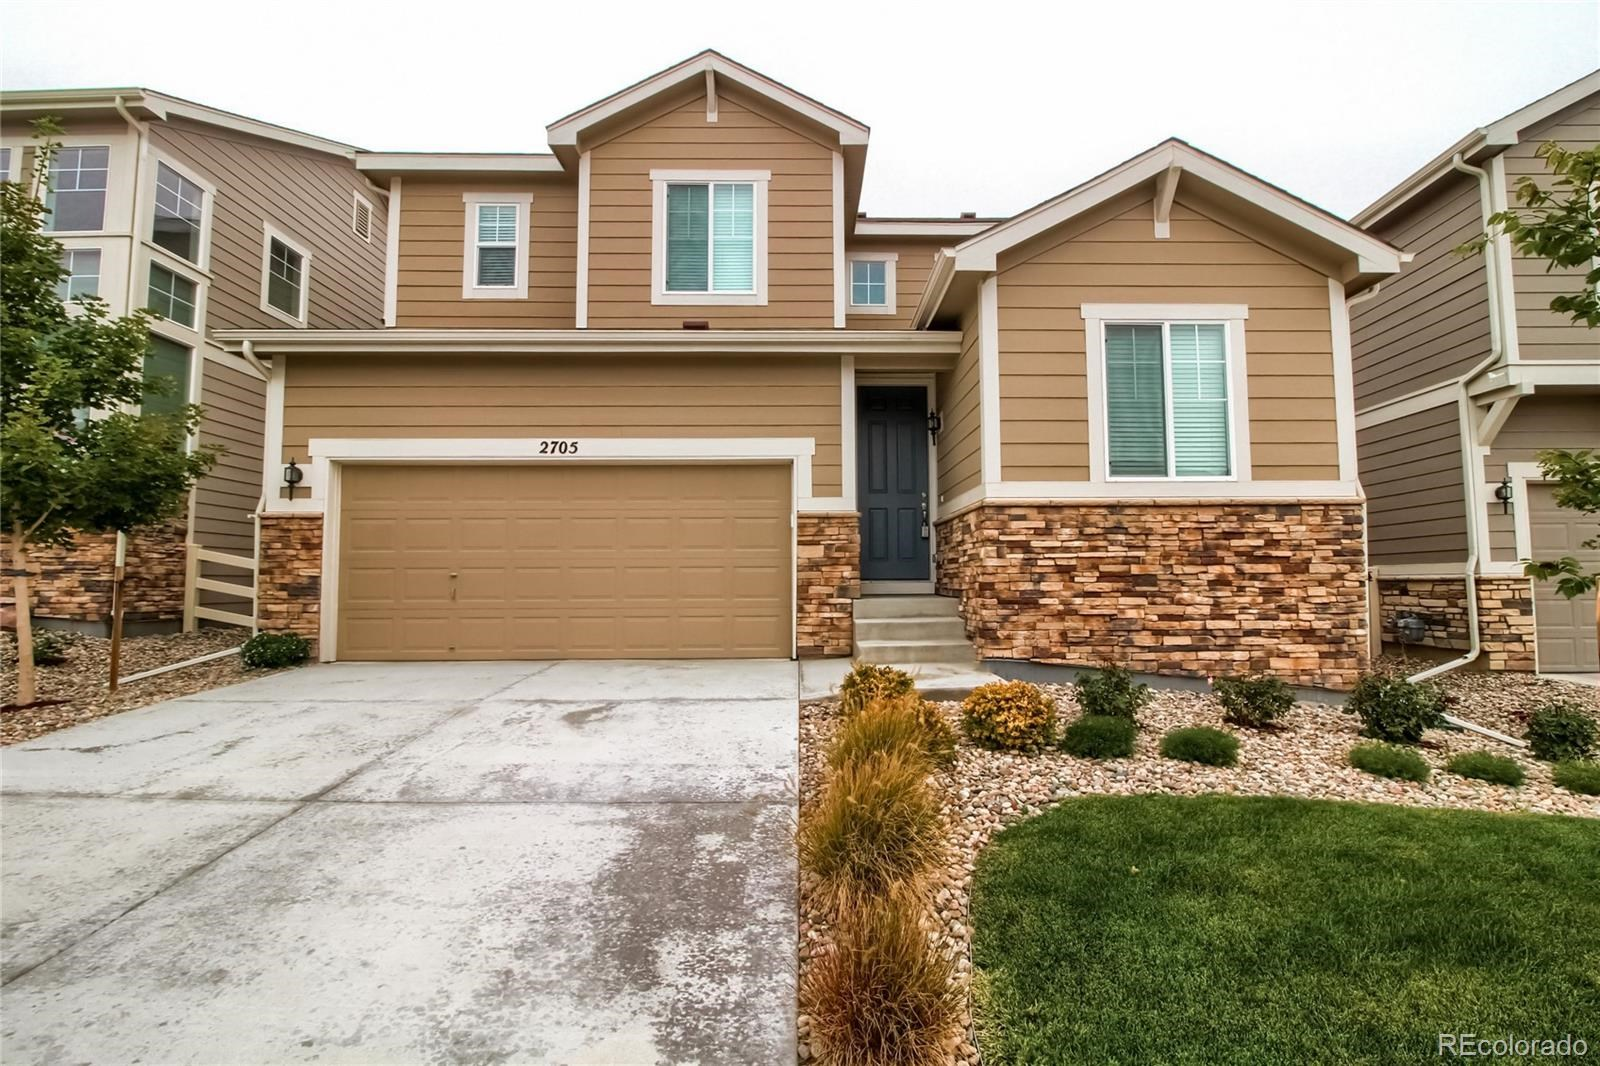 MLS# 4625079 - 1 - 2705 Garganey Drive, Castle Rock, CO 80104